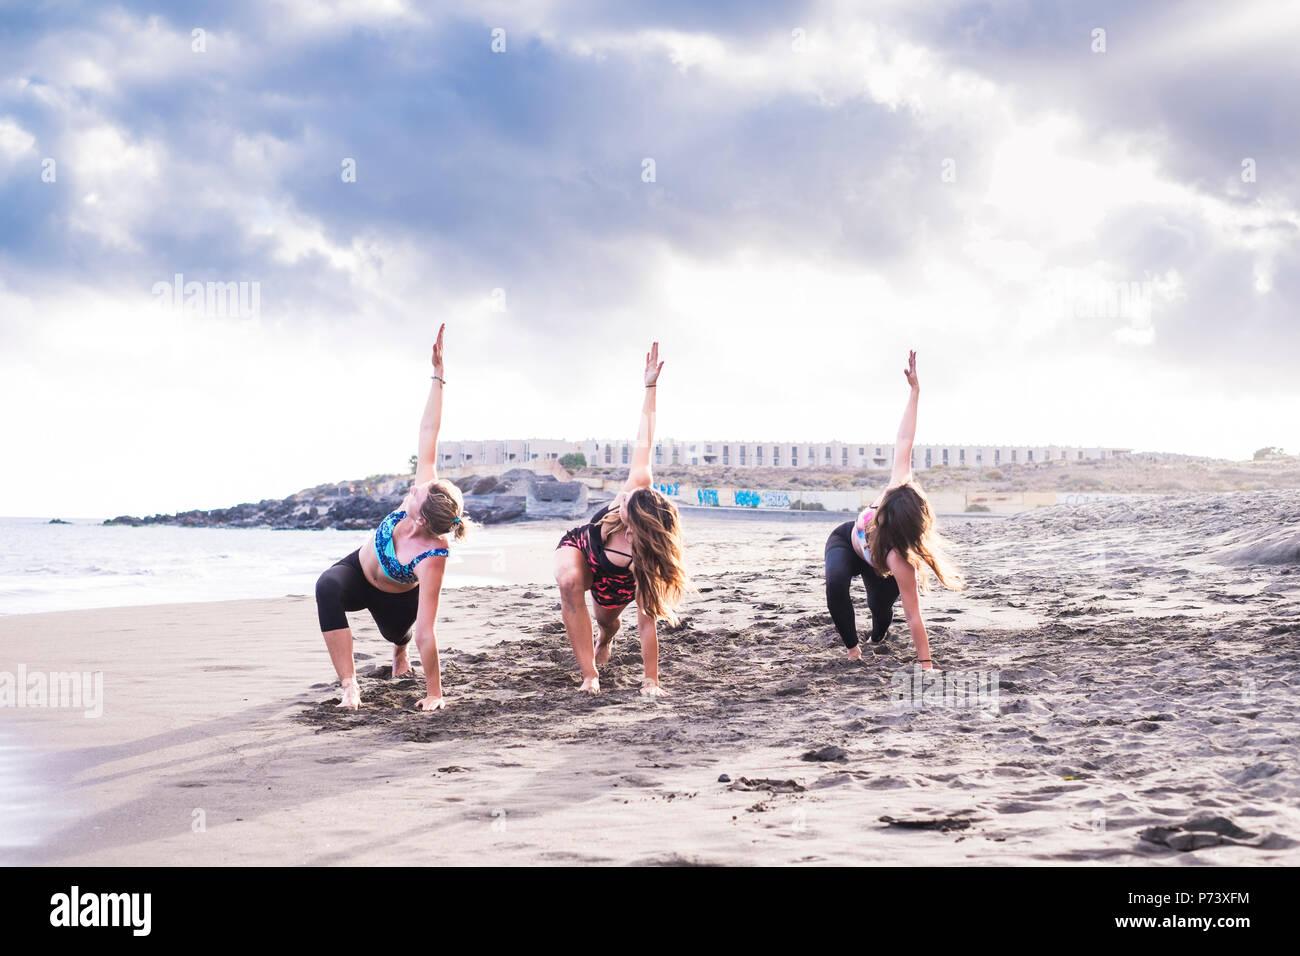 Un gruppo di tre persone donne amici fare esercizi di equilibrio e forza come yoga e pilates sulla spiaggia. costa di sabbia e luogo scenico durante beauti Immagini Stock